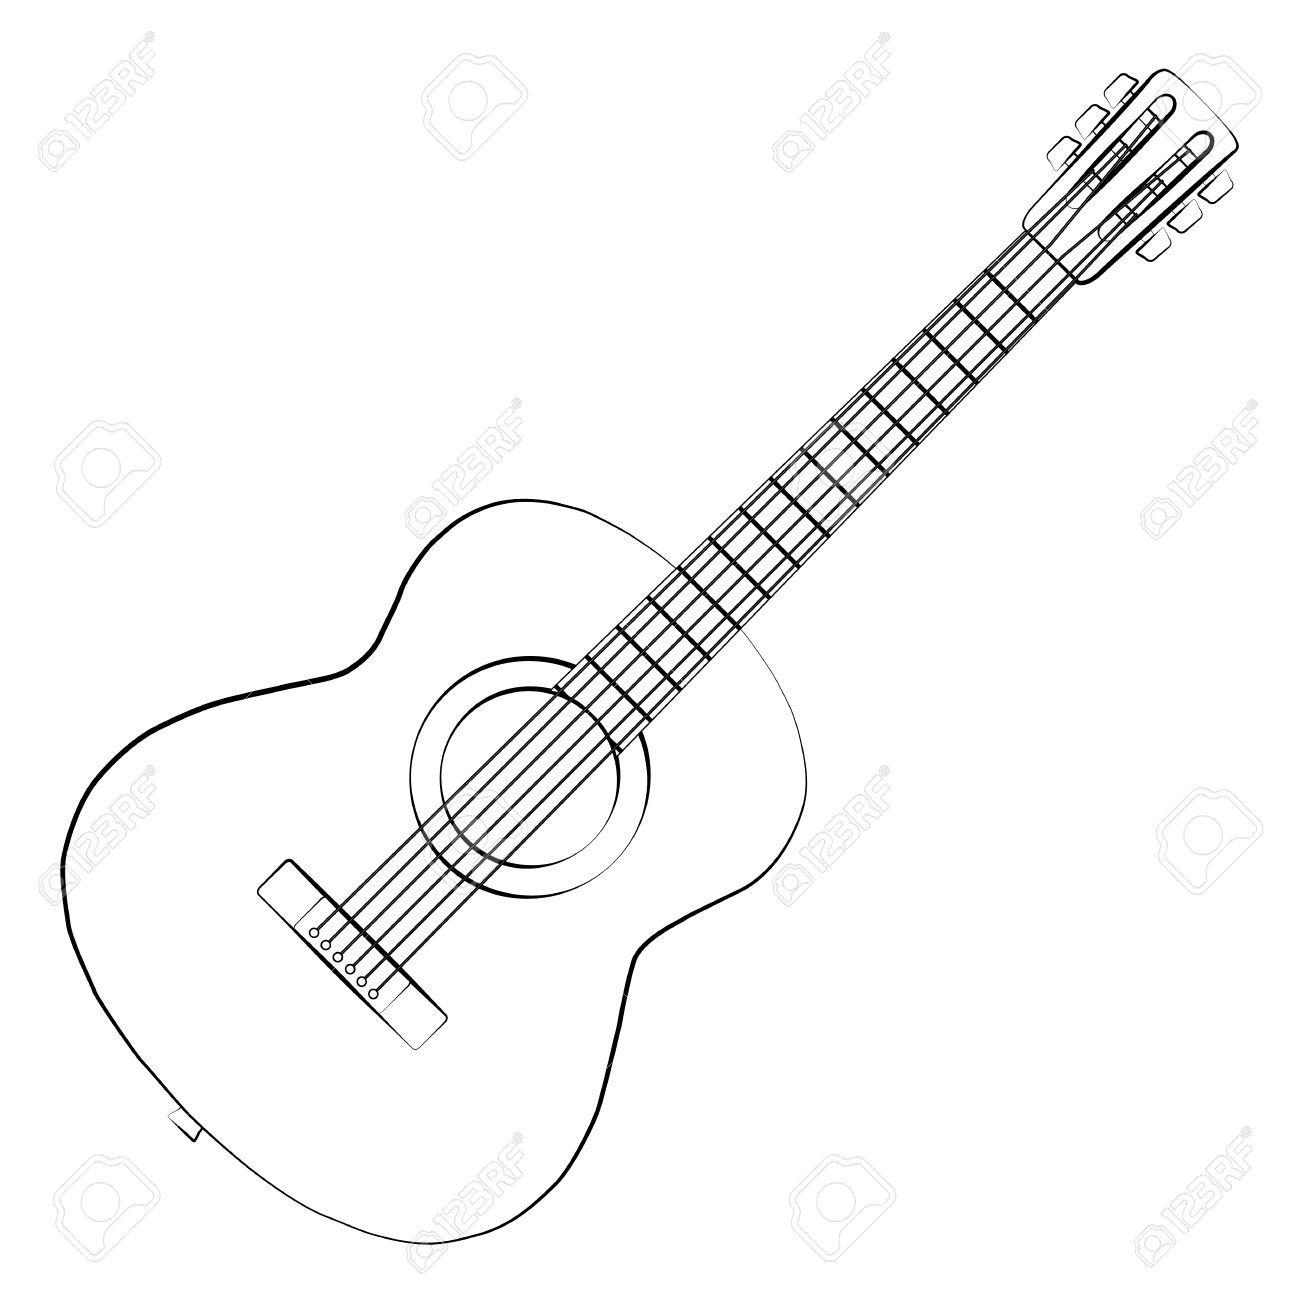 Black Outline Vector Guitar On White Background Royalty Free Guitar Outline Outline Art Guitar